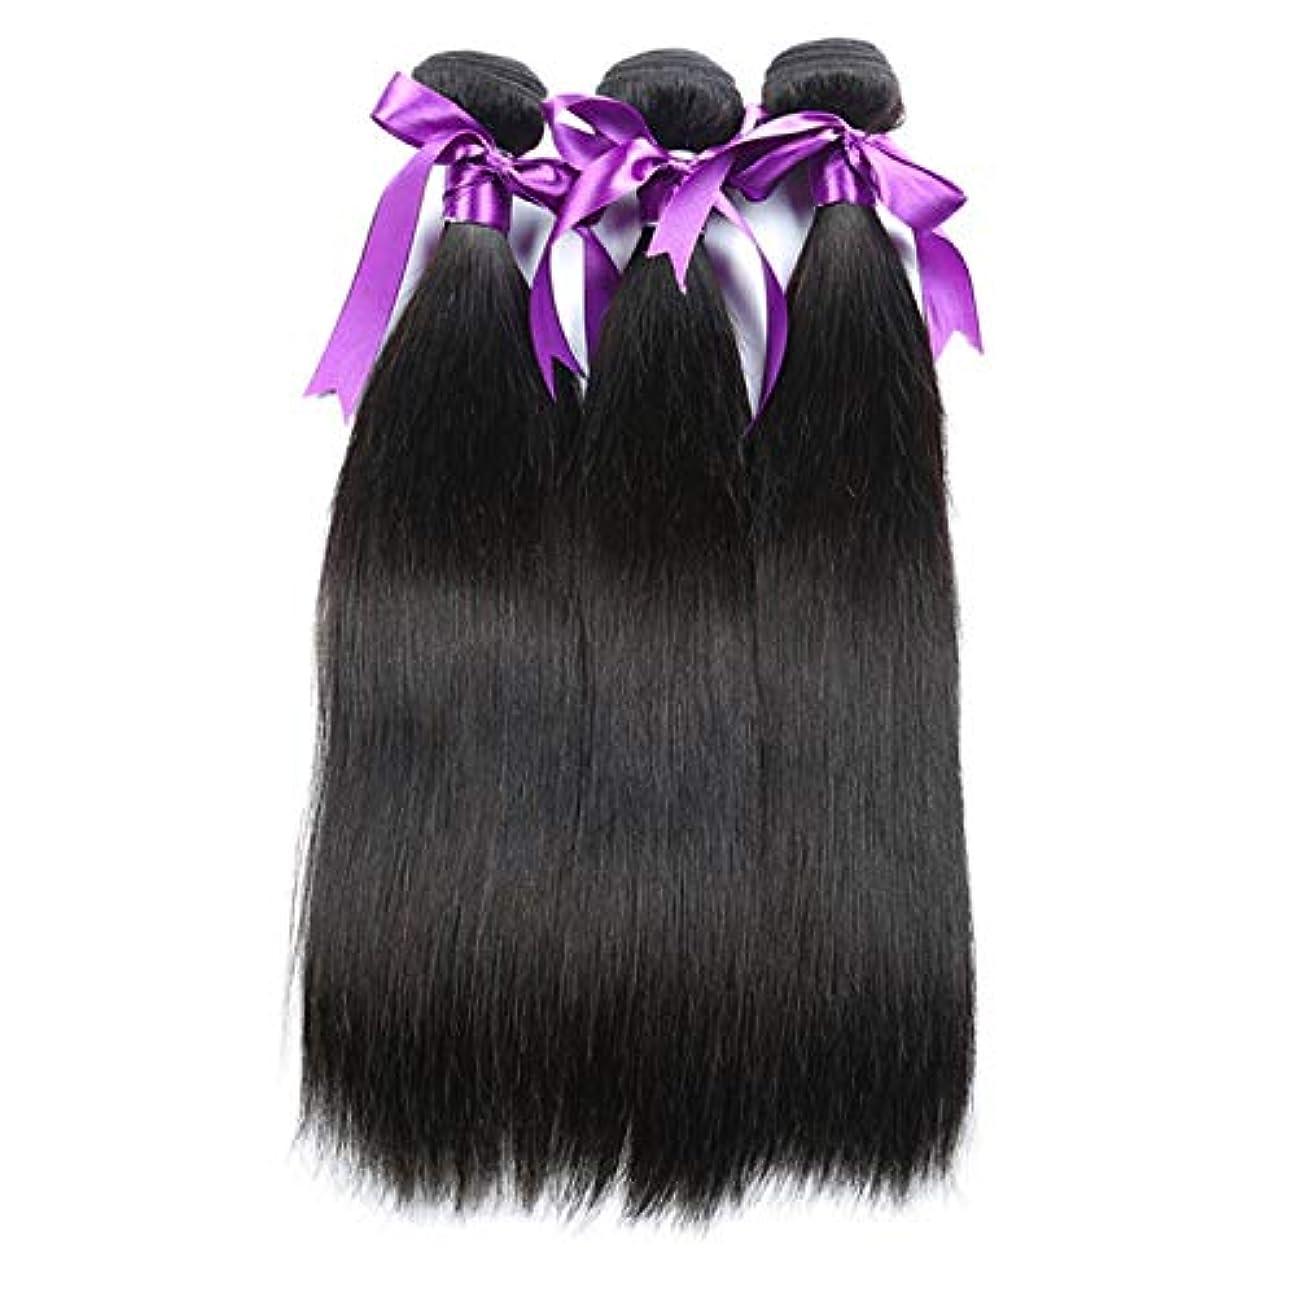 不健全有効取り扱いペルーのストレートヘア織り3バンドル/ロット100%人のRemyの髪横糸8-28インチボディヘアエクステンション (Stretched Length : 24 26 28)